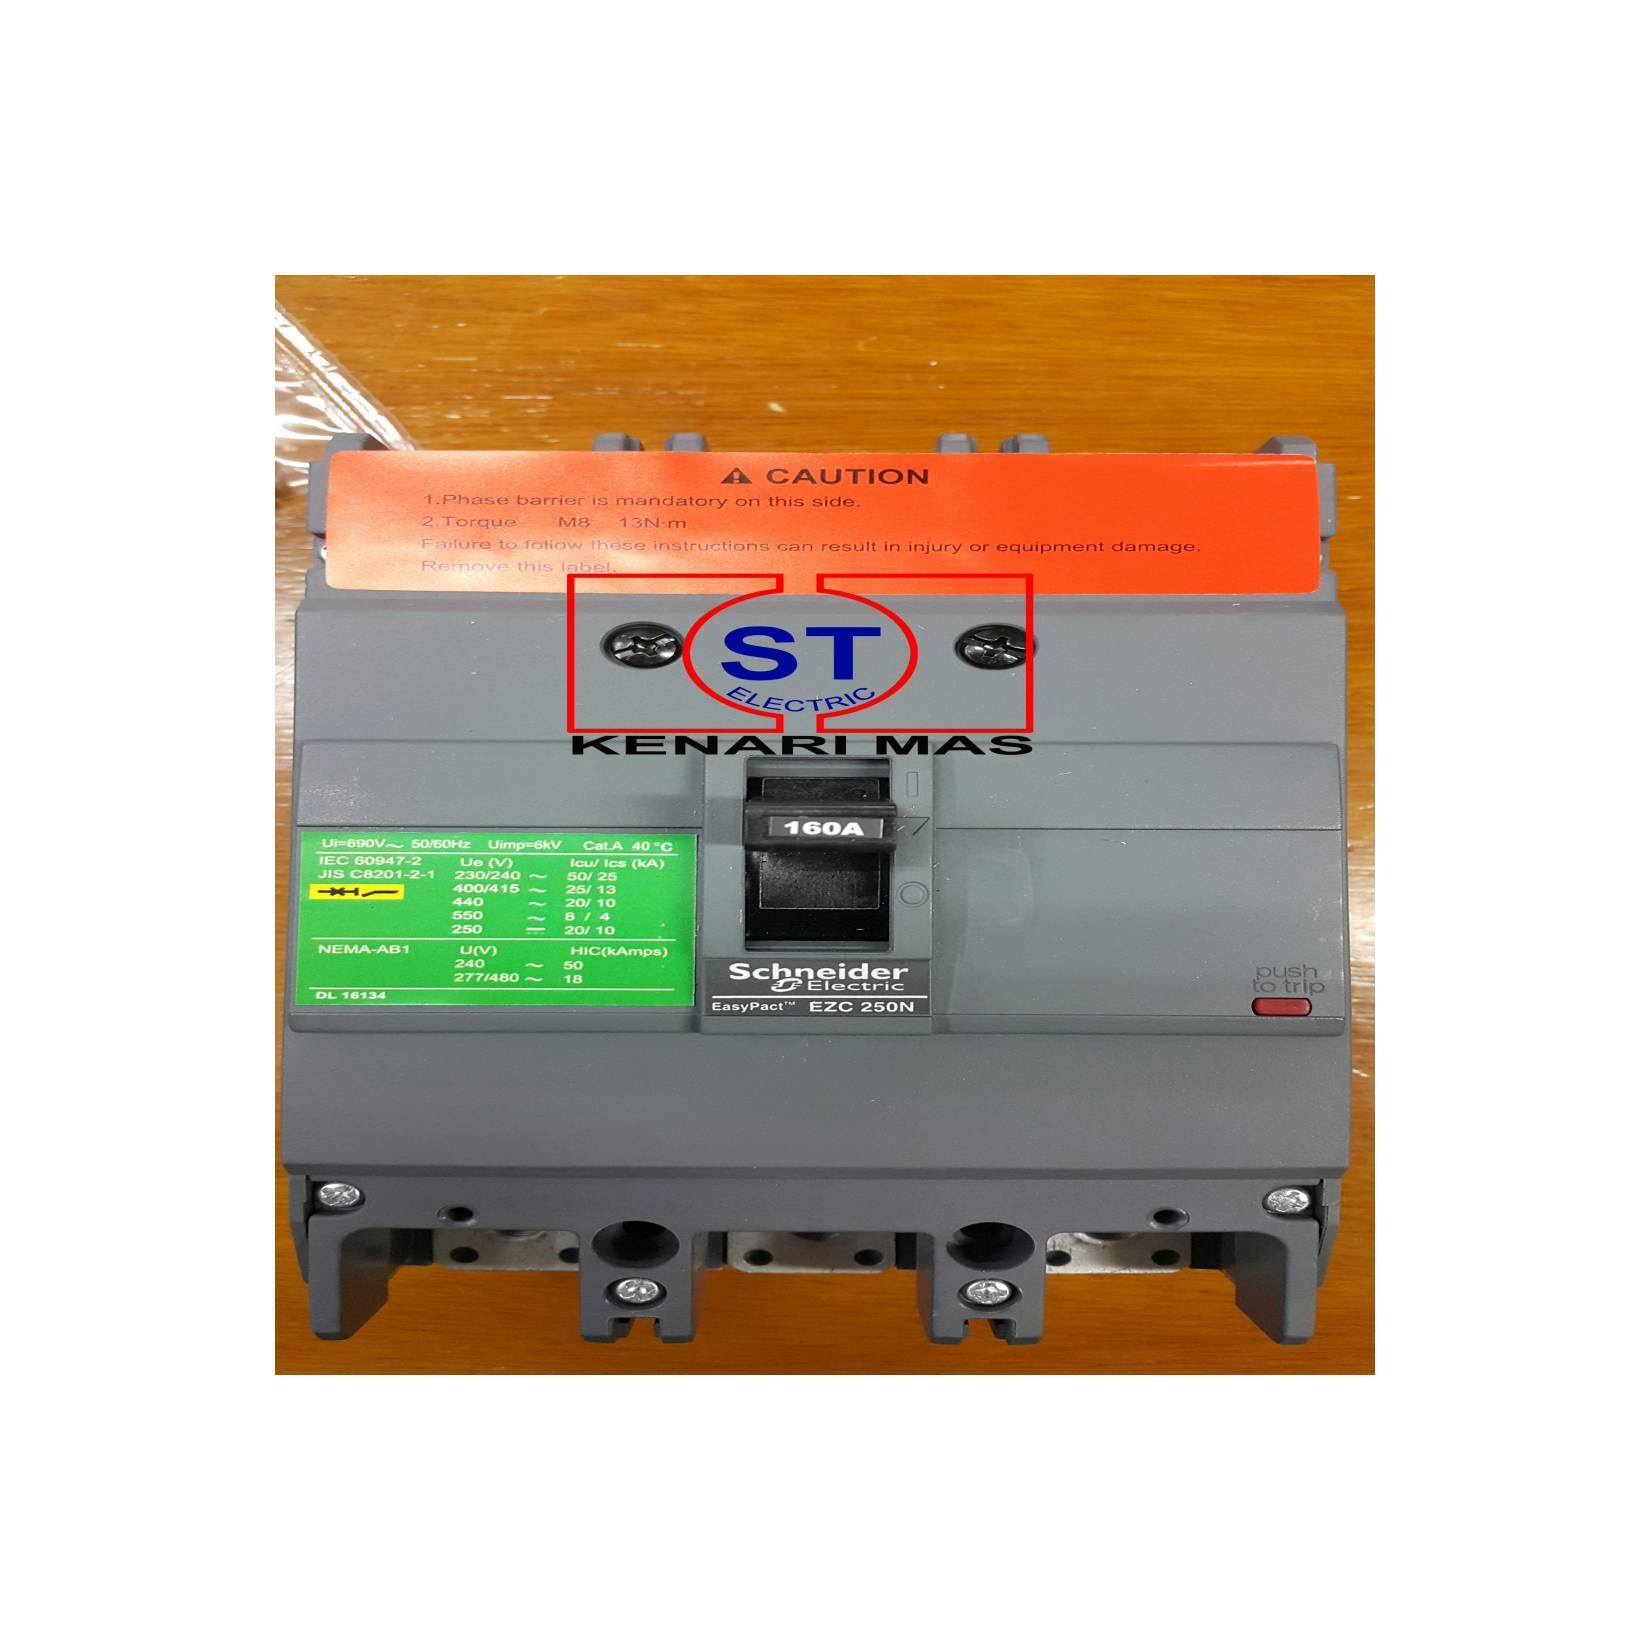 MCCB EZC250N 3x160 Amper Schneider Eazy Pact EZC250N3160 3P 160A